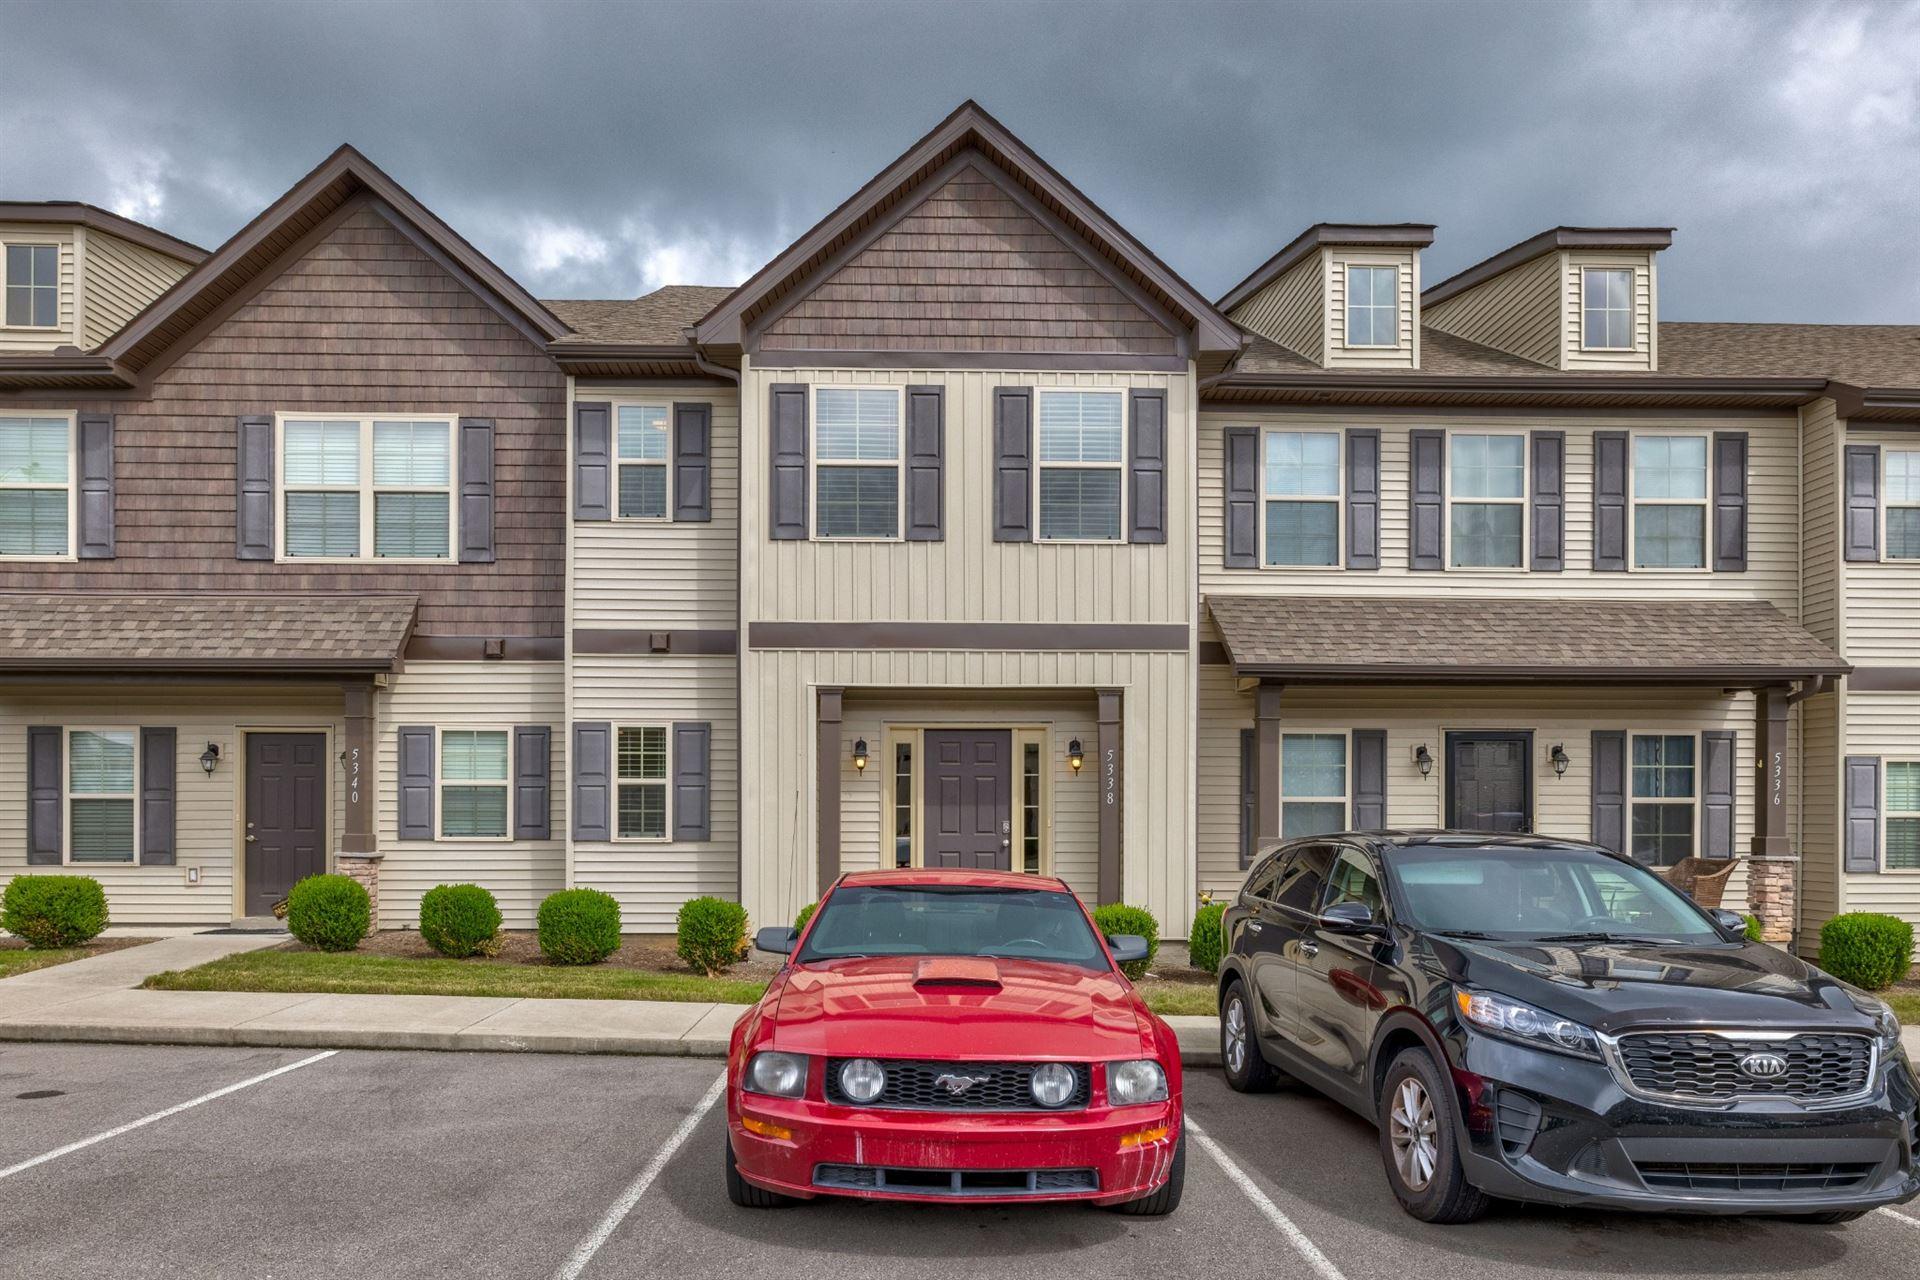 5338 Tony Lama Ln, Murfreesboro, TN 37128 - MLS#: 2291723